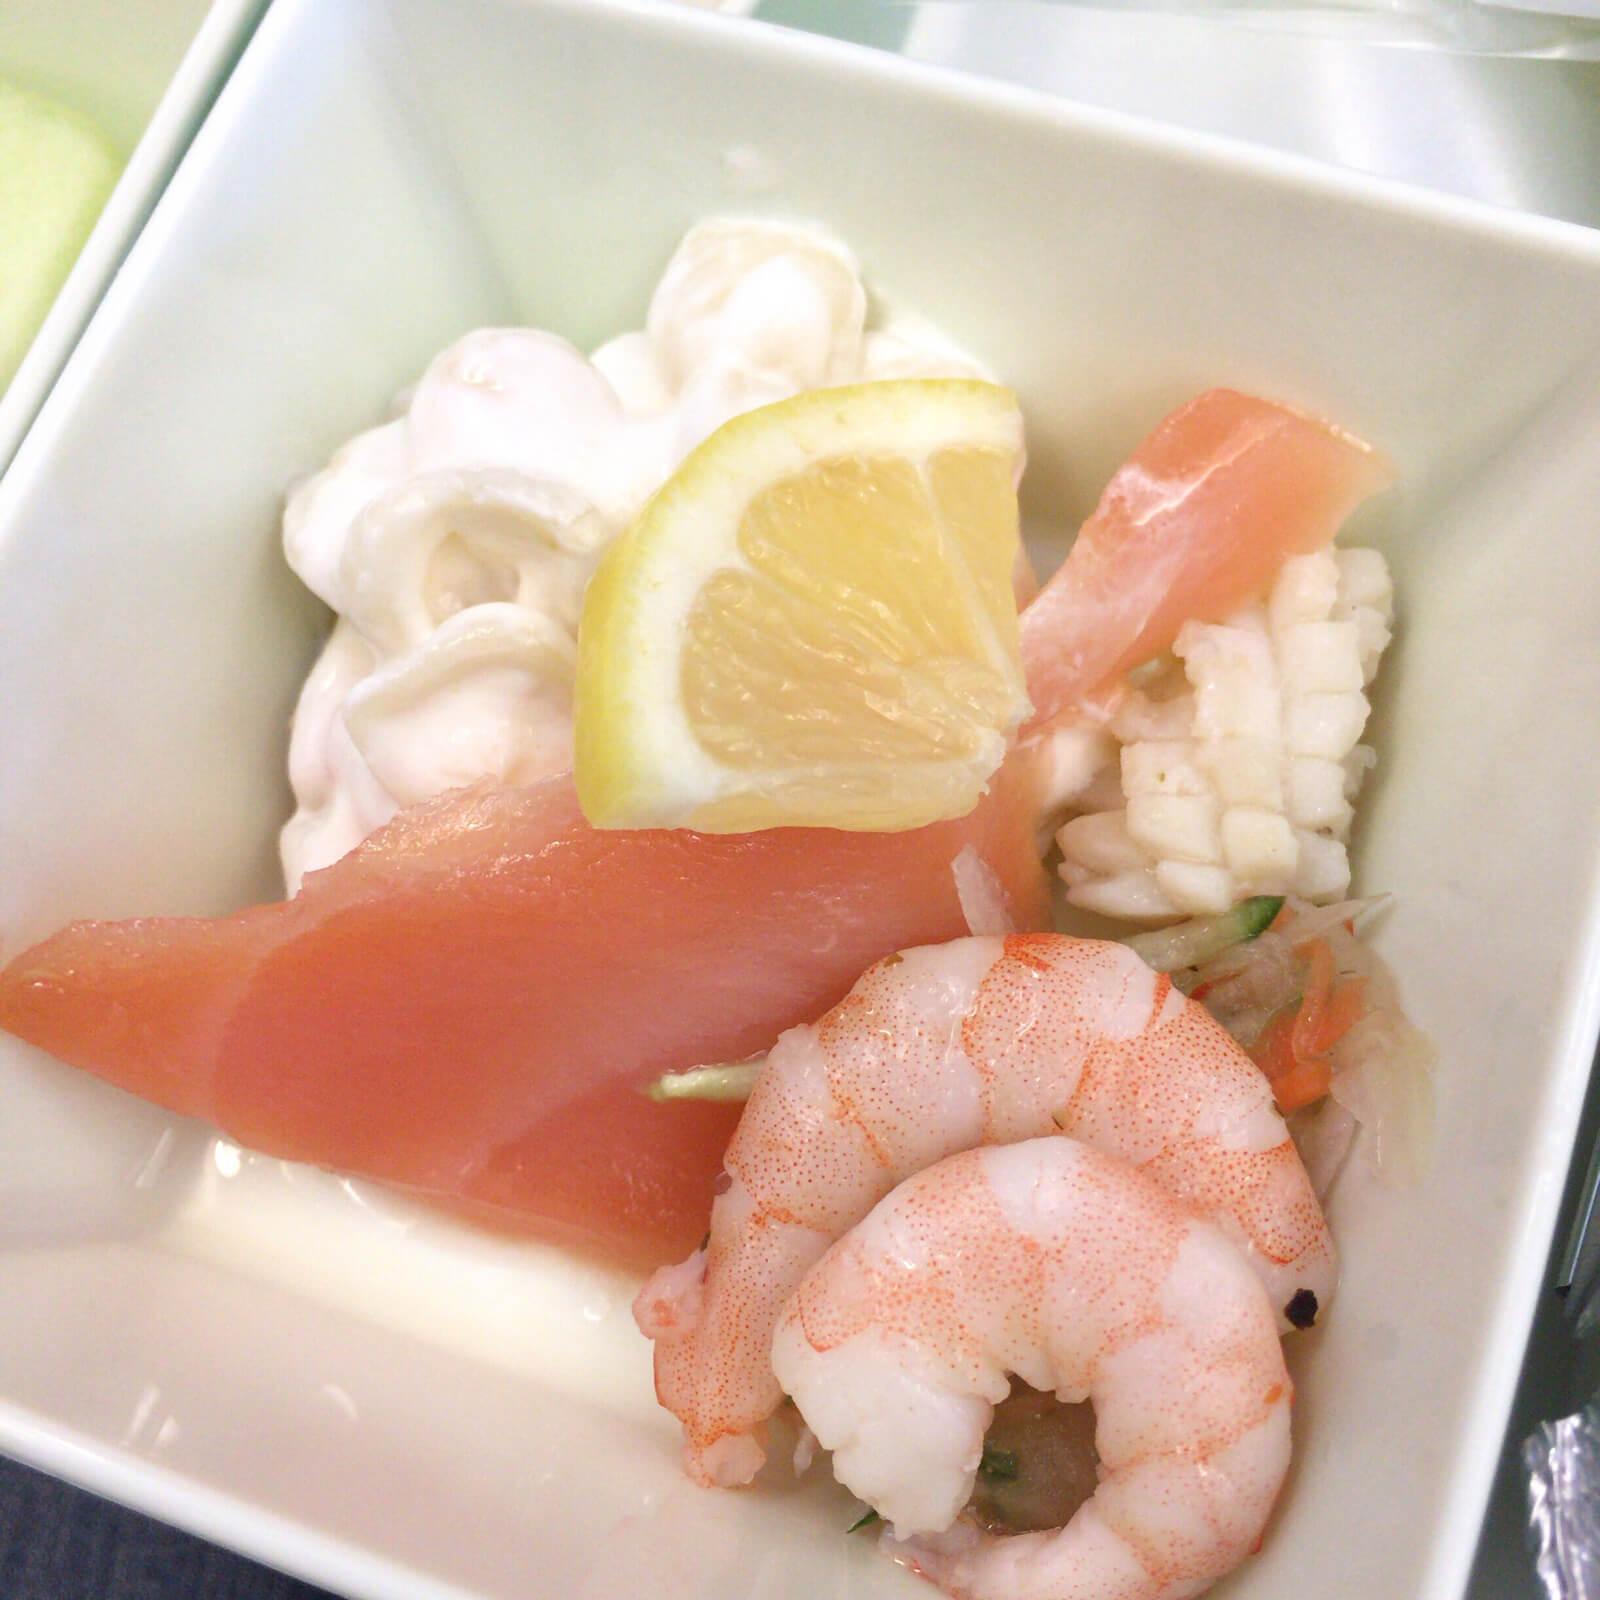 ベトナム航空 機内食 マリネサラダ